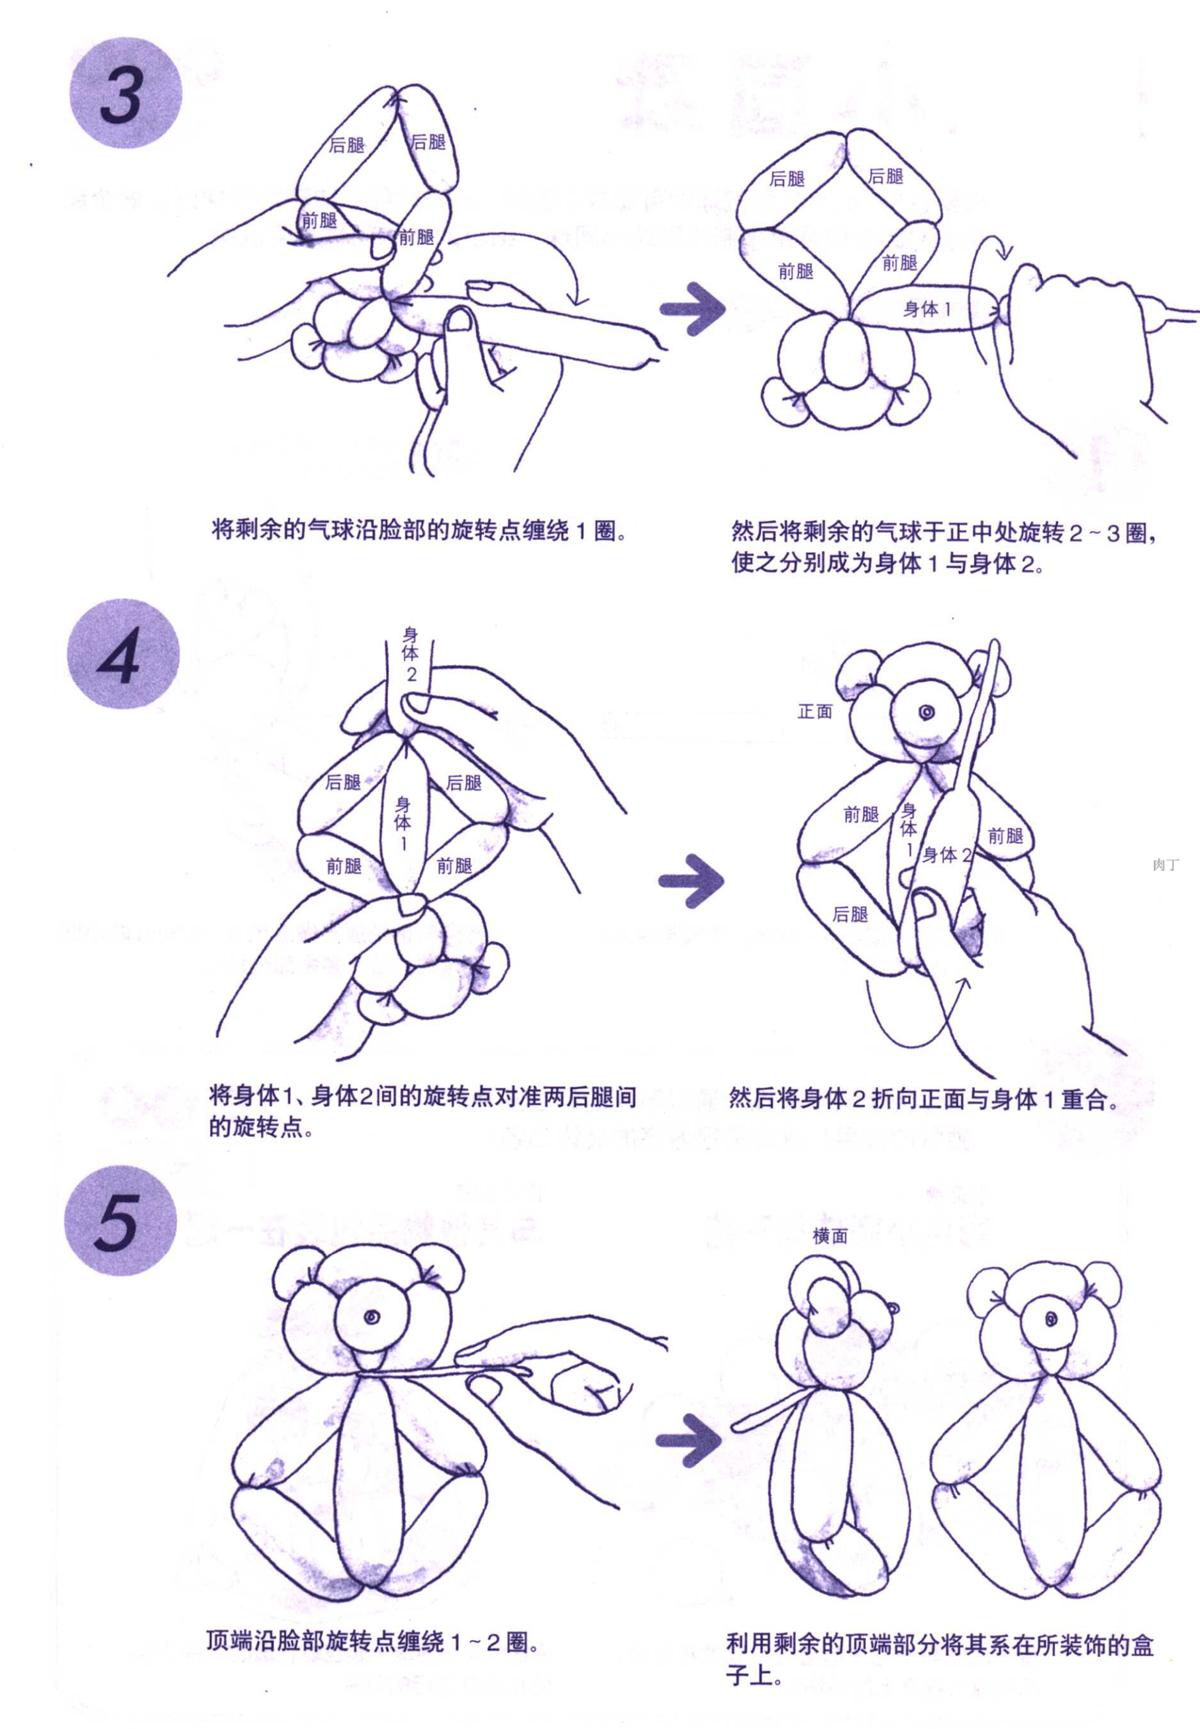 魔术黄金岛棋牌作弊器推荐小熊的做法步骤图解!简单花式黄金岛棋牌作弊器推荐的26种编法